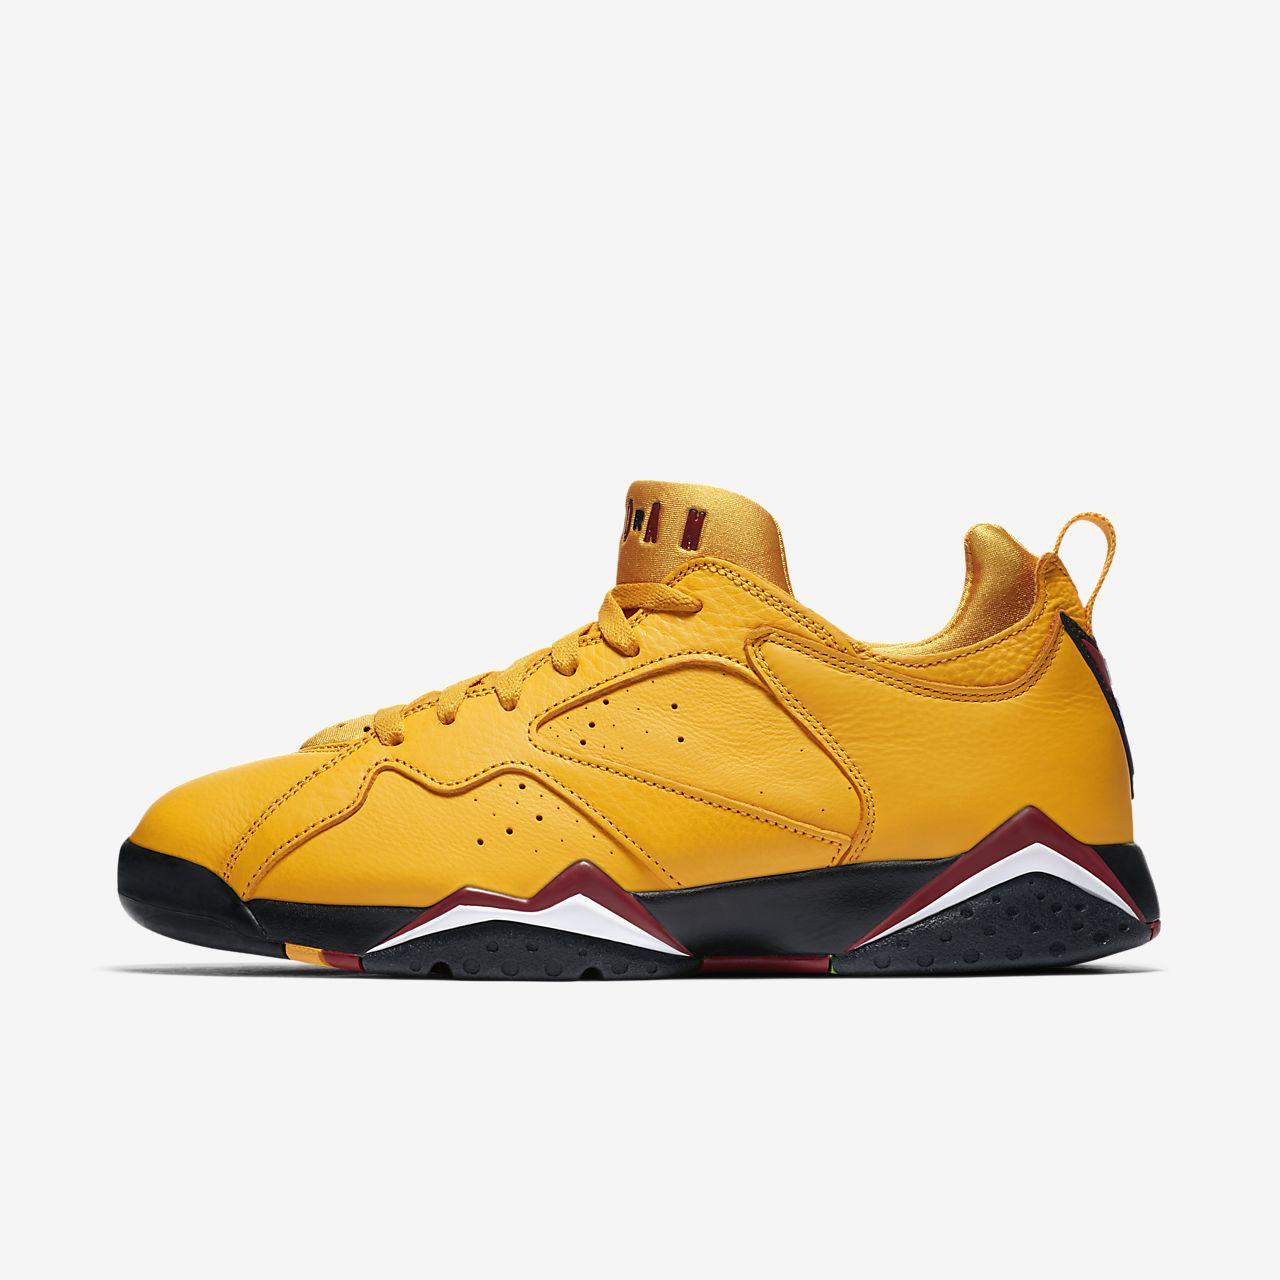 Air Jordan 7 Low NRG 男子运动鞋